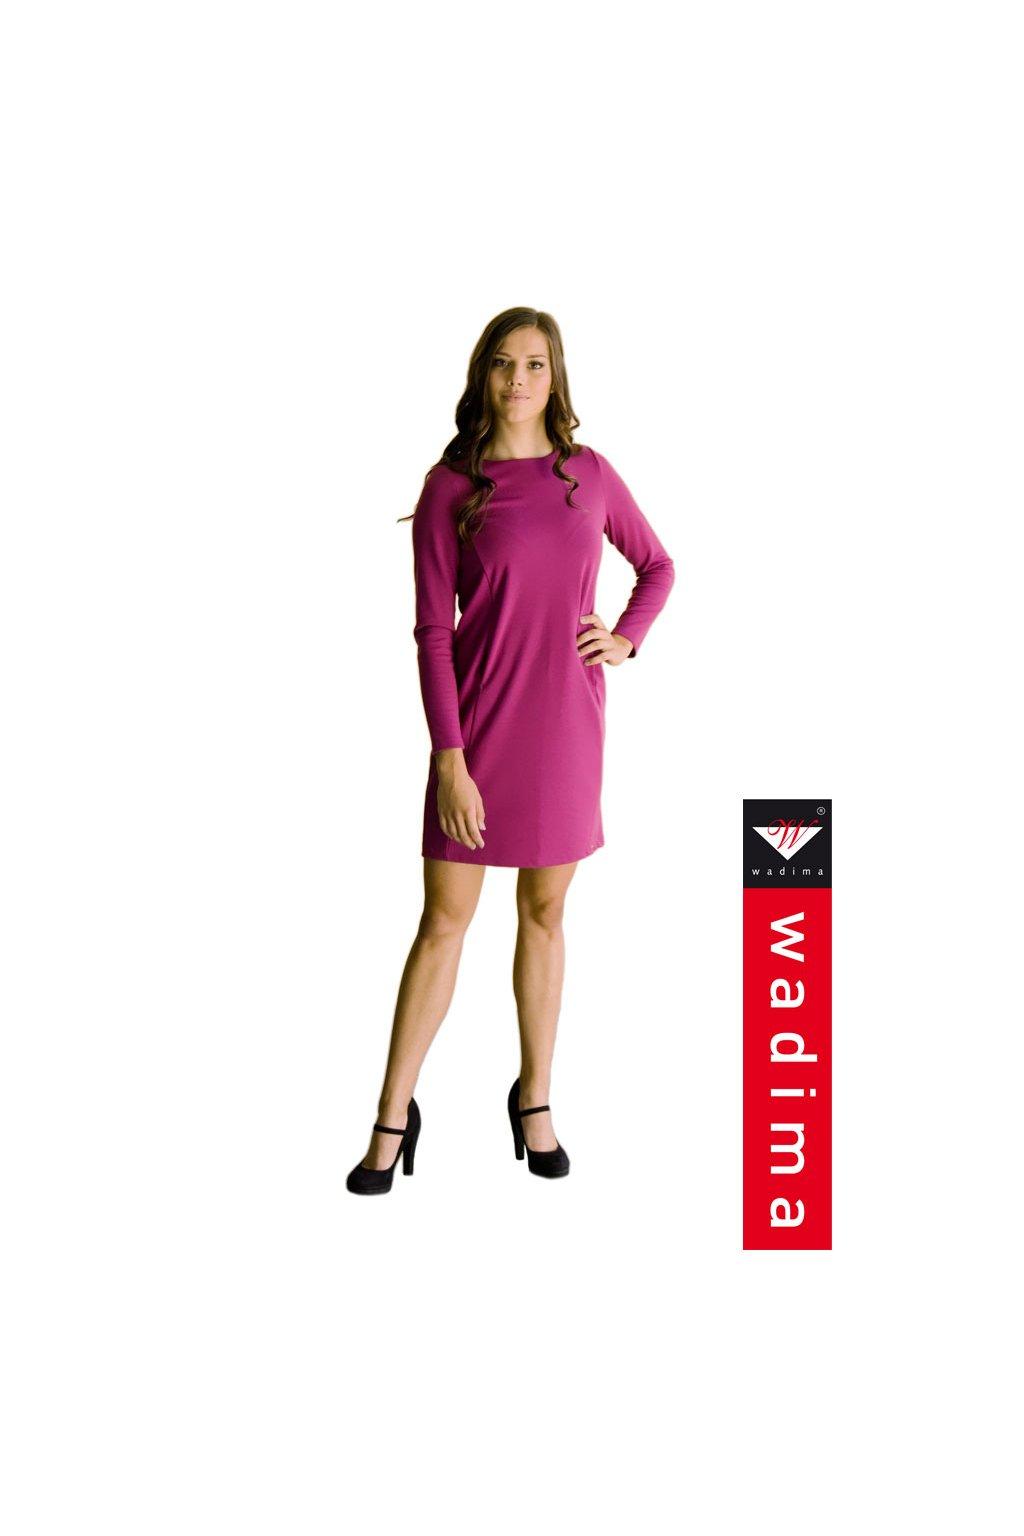 Dámské šaty s dlouhým rukávem, 10529 227, purpurová